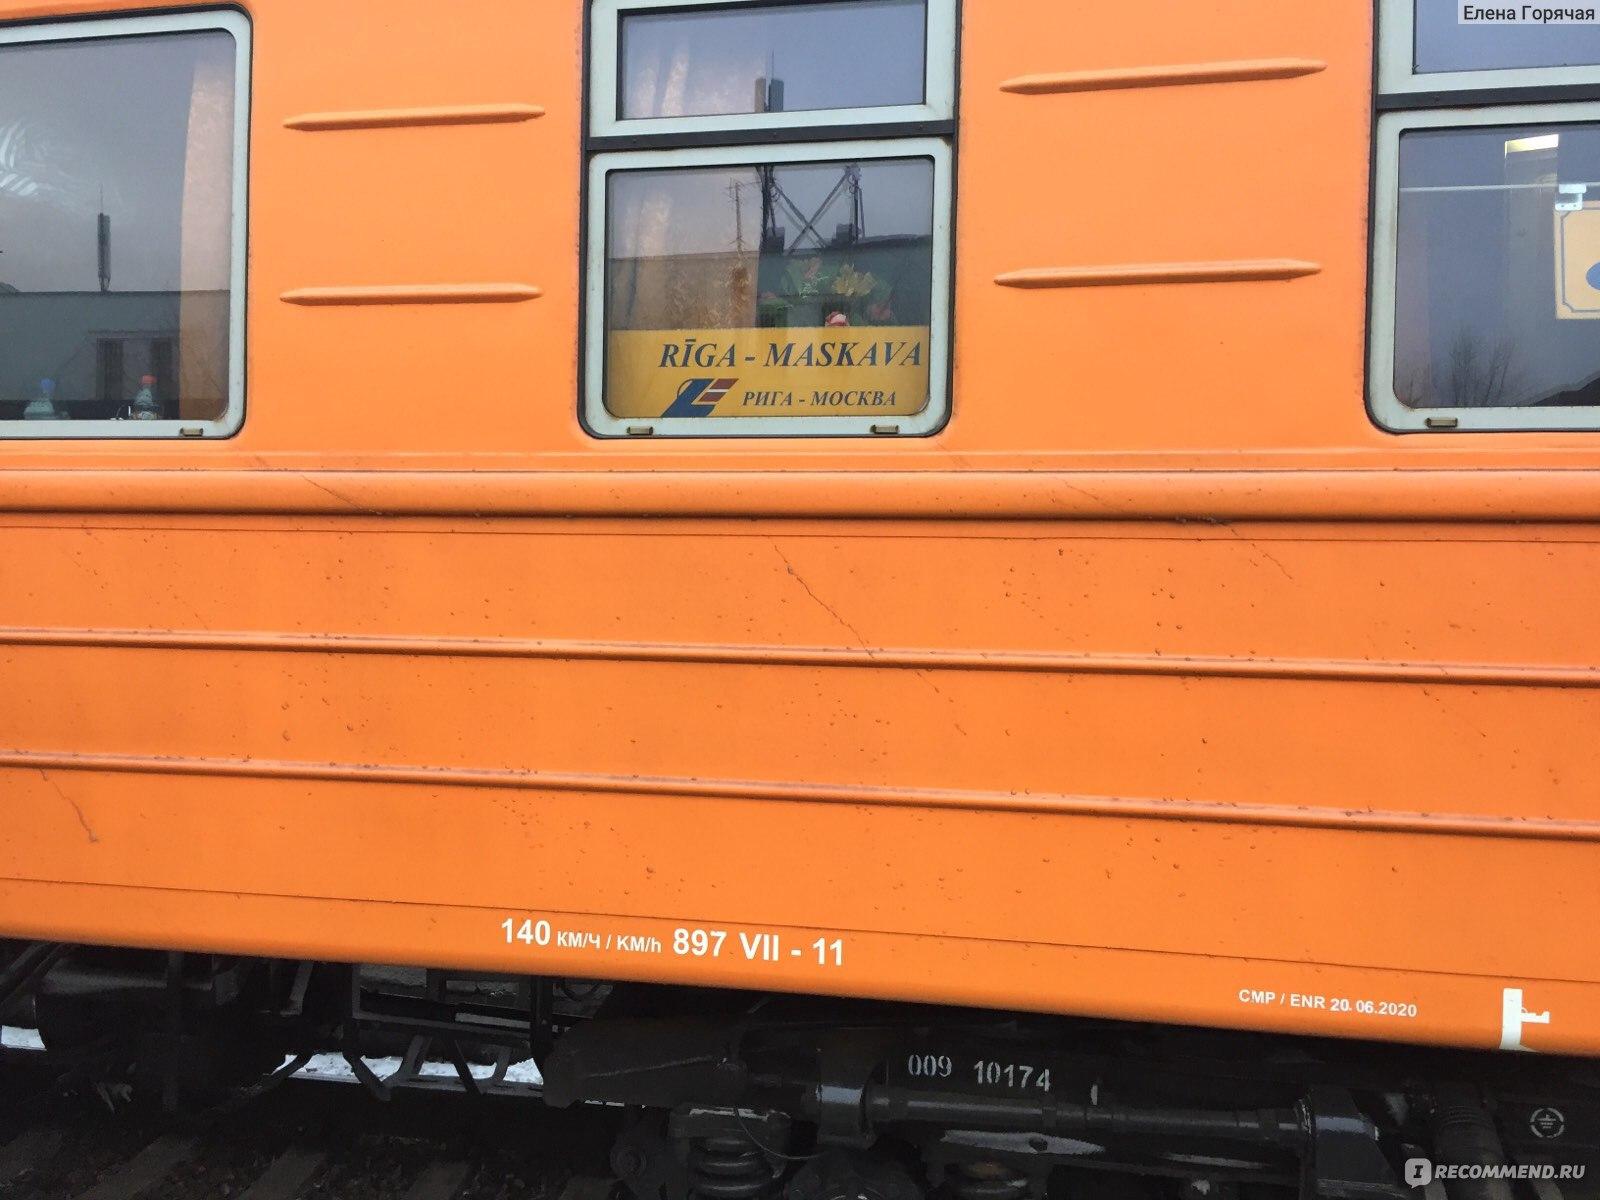 Фото общего вагона москва рига